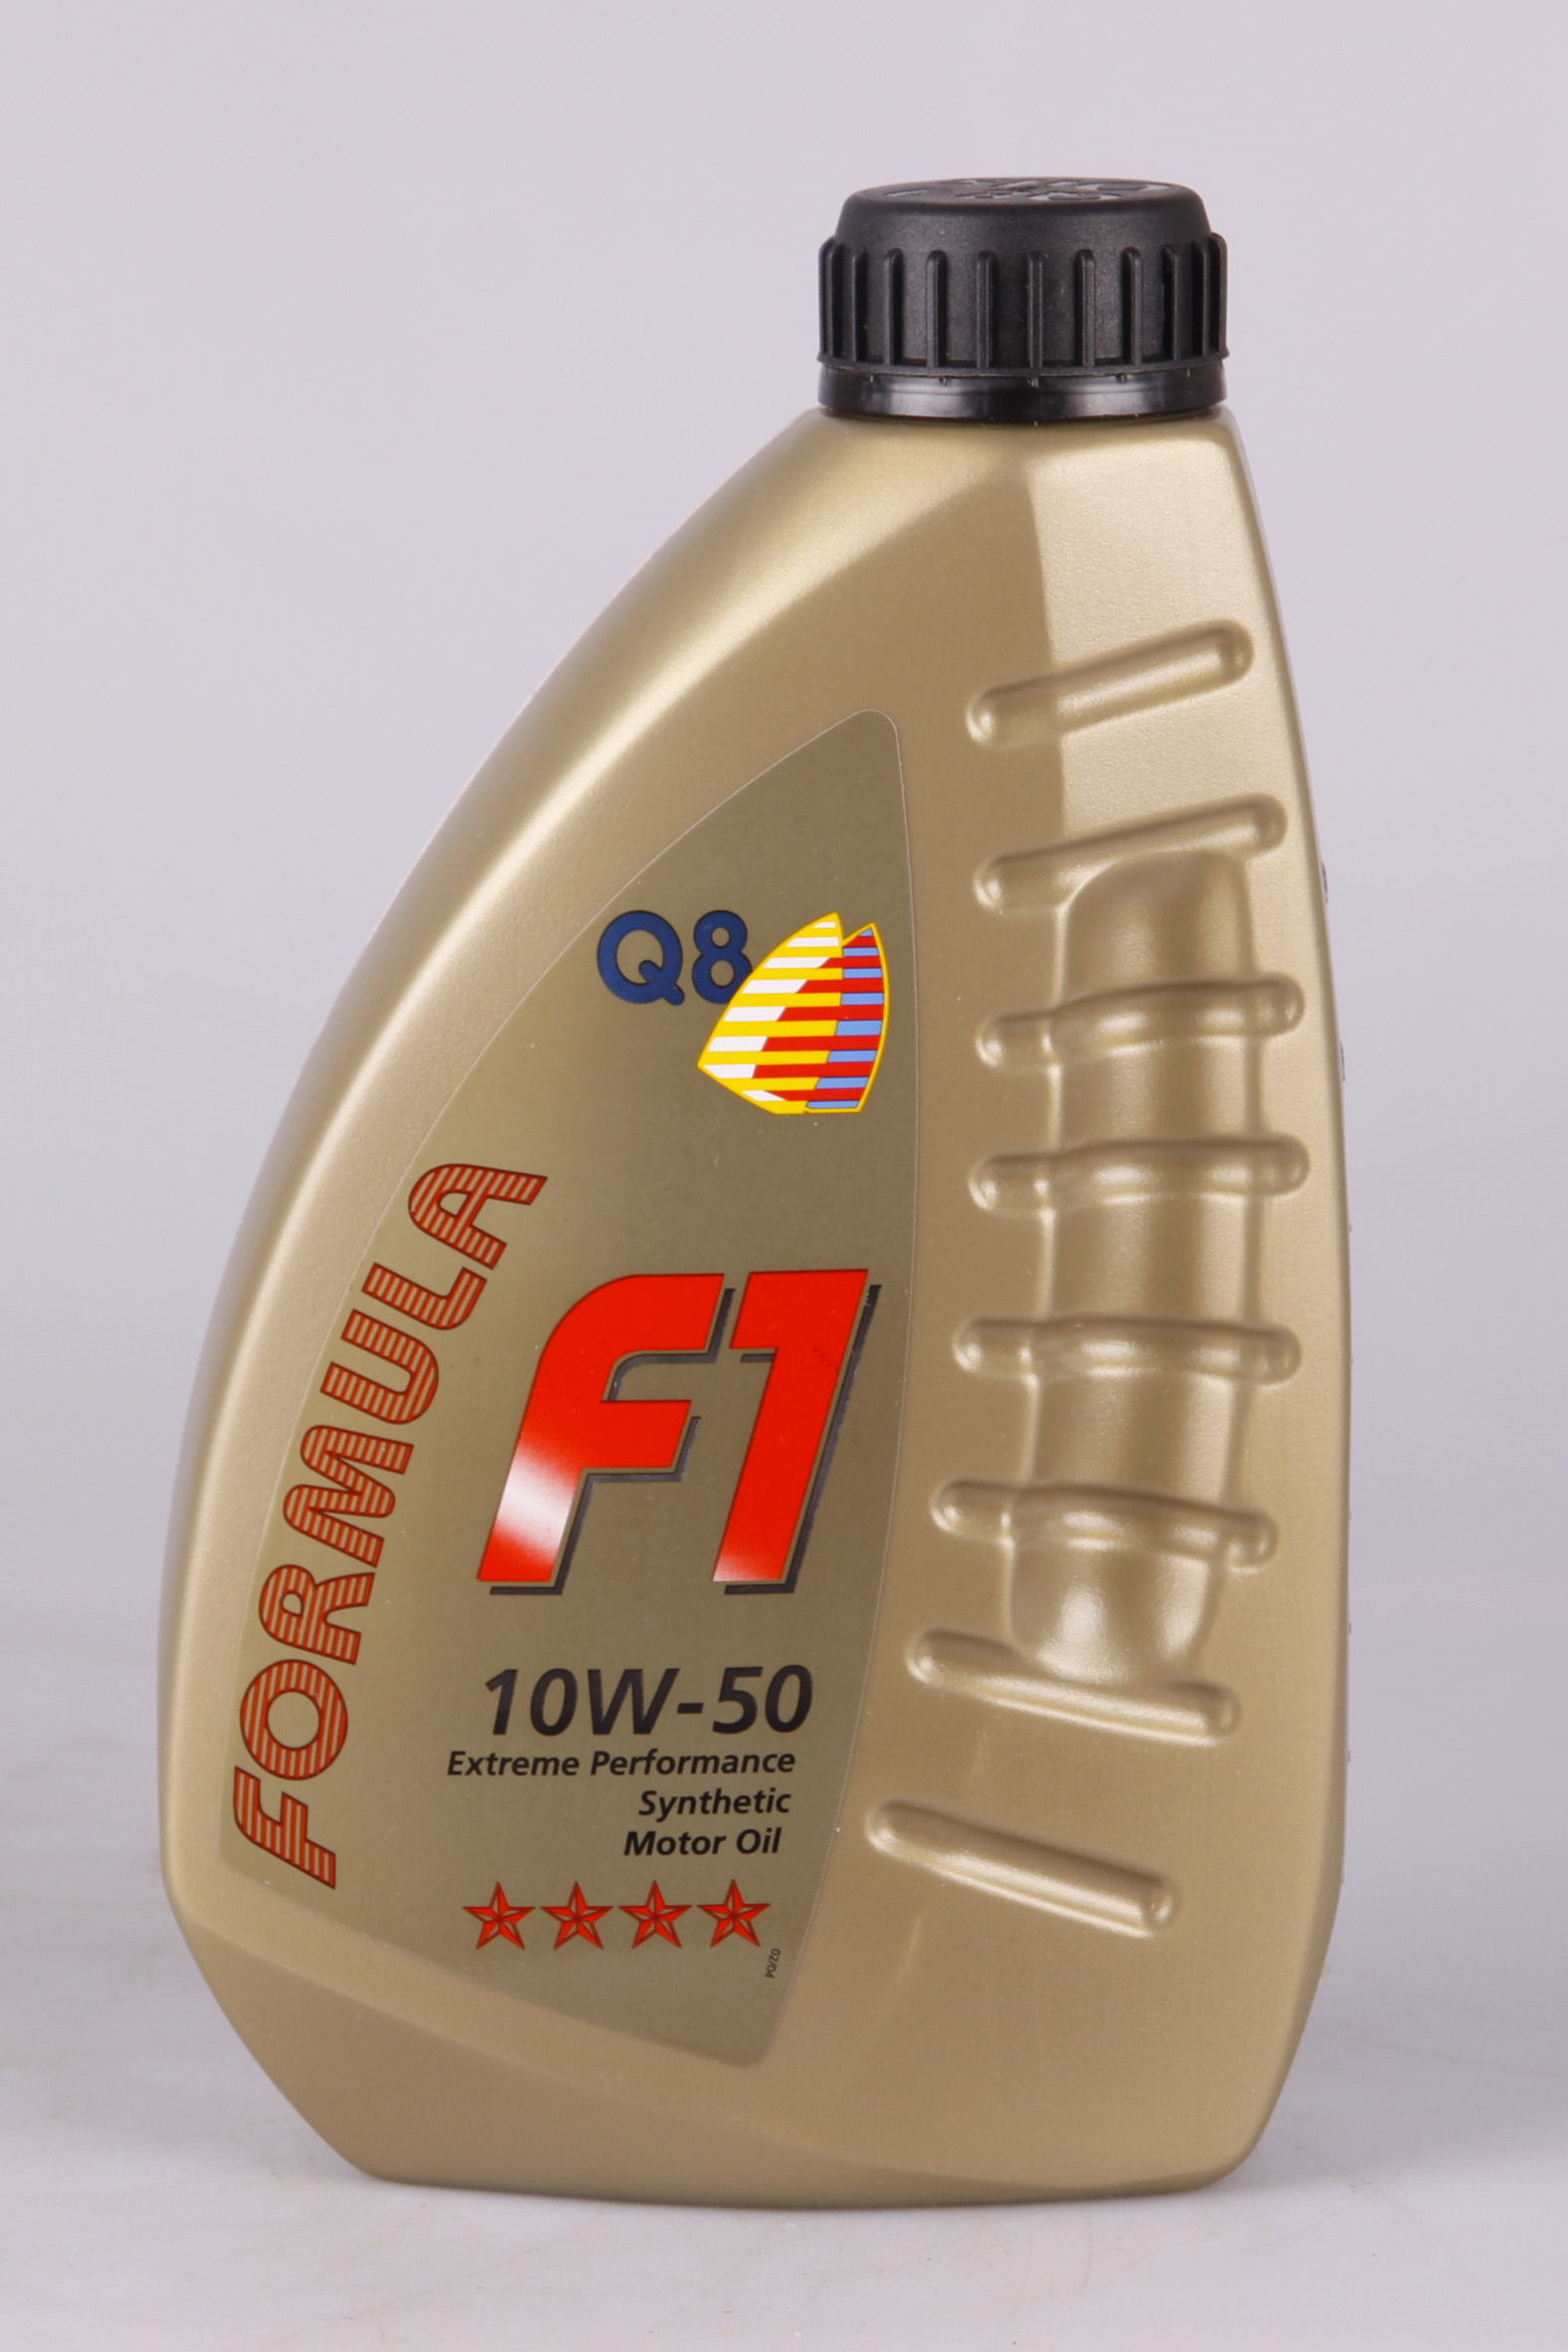 Q8 F1 10W-50 1 Liter